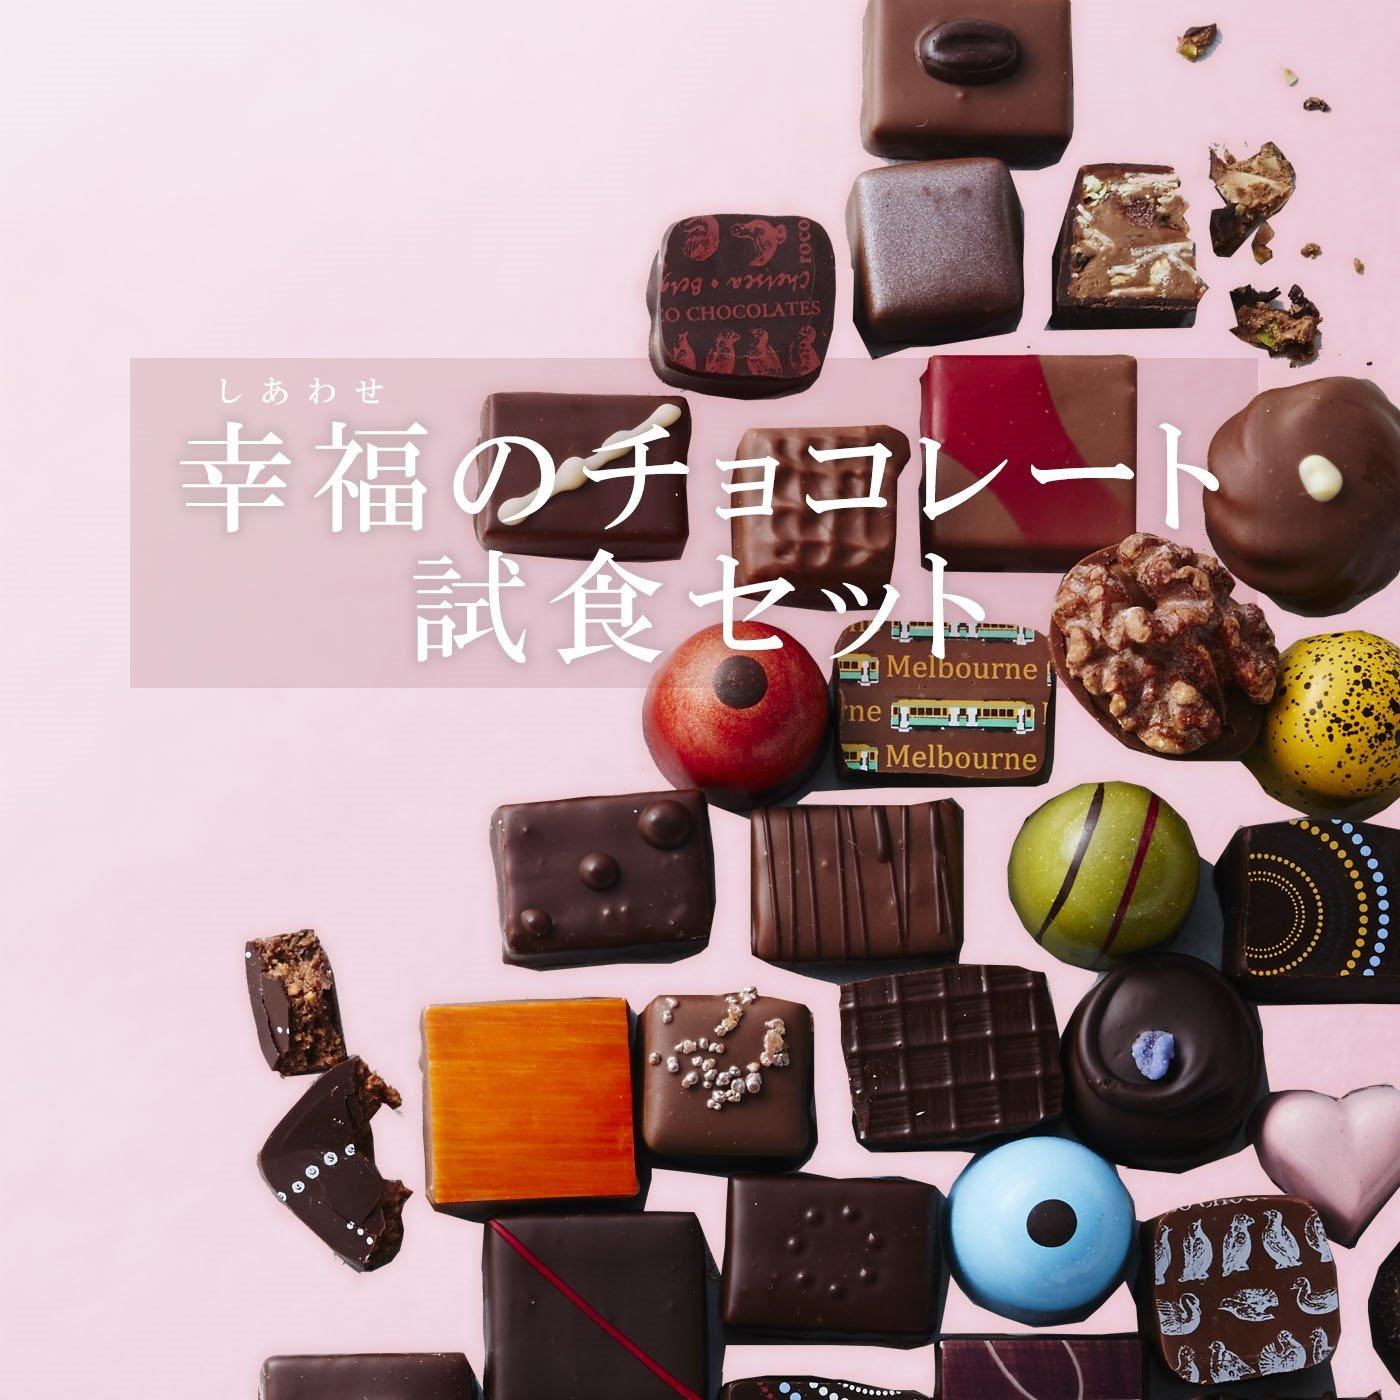 幸福のチョコレート講座 試食チョコセット(9粒入り) 〈新商品シークレットコース〉